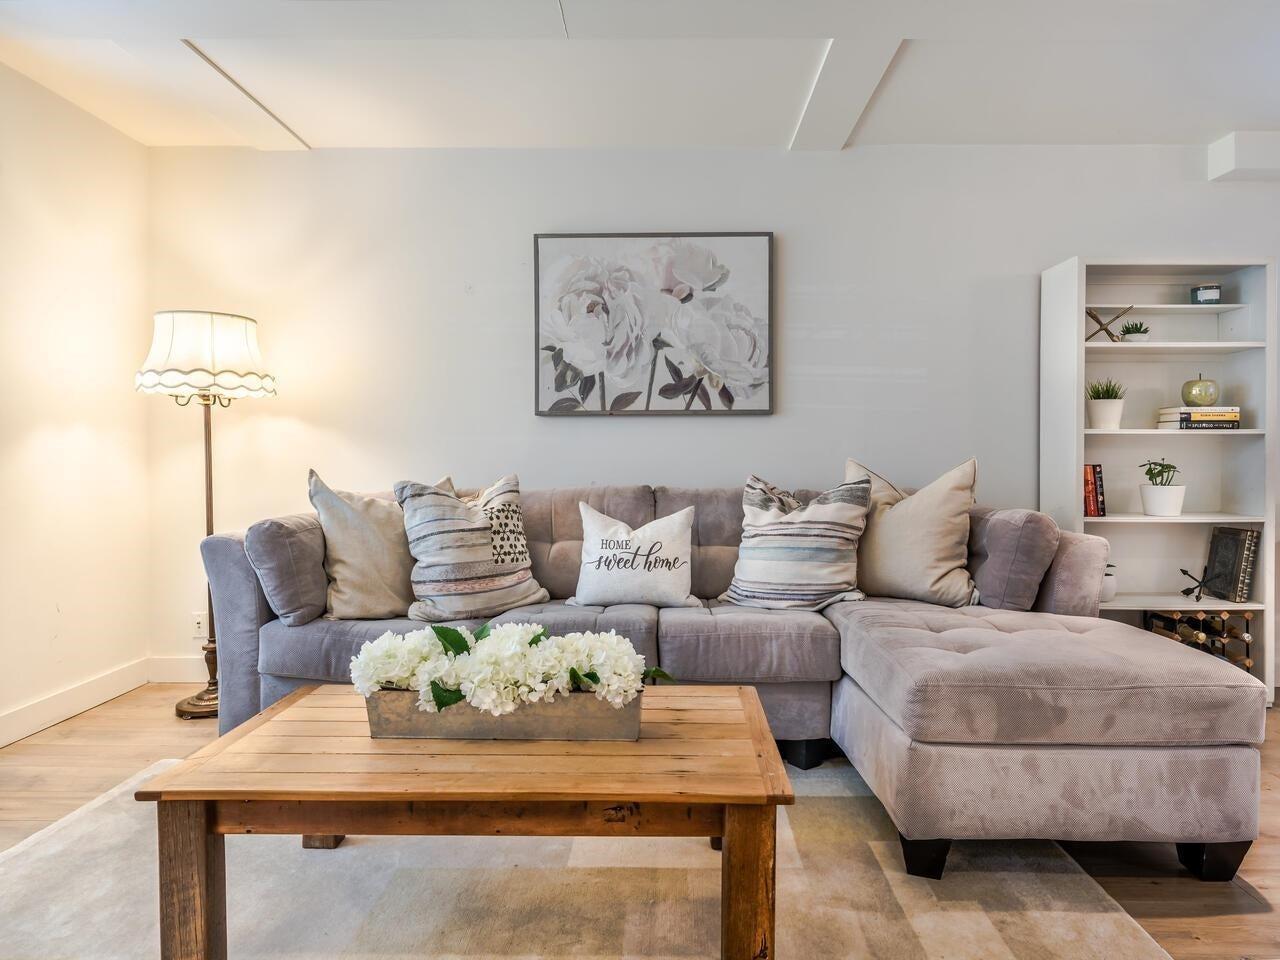 1231 E 11TH AVENUE - Mount Pleasant VE 1/2 Duplex for sale, 3 Bedrooms (R2625828) - #15